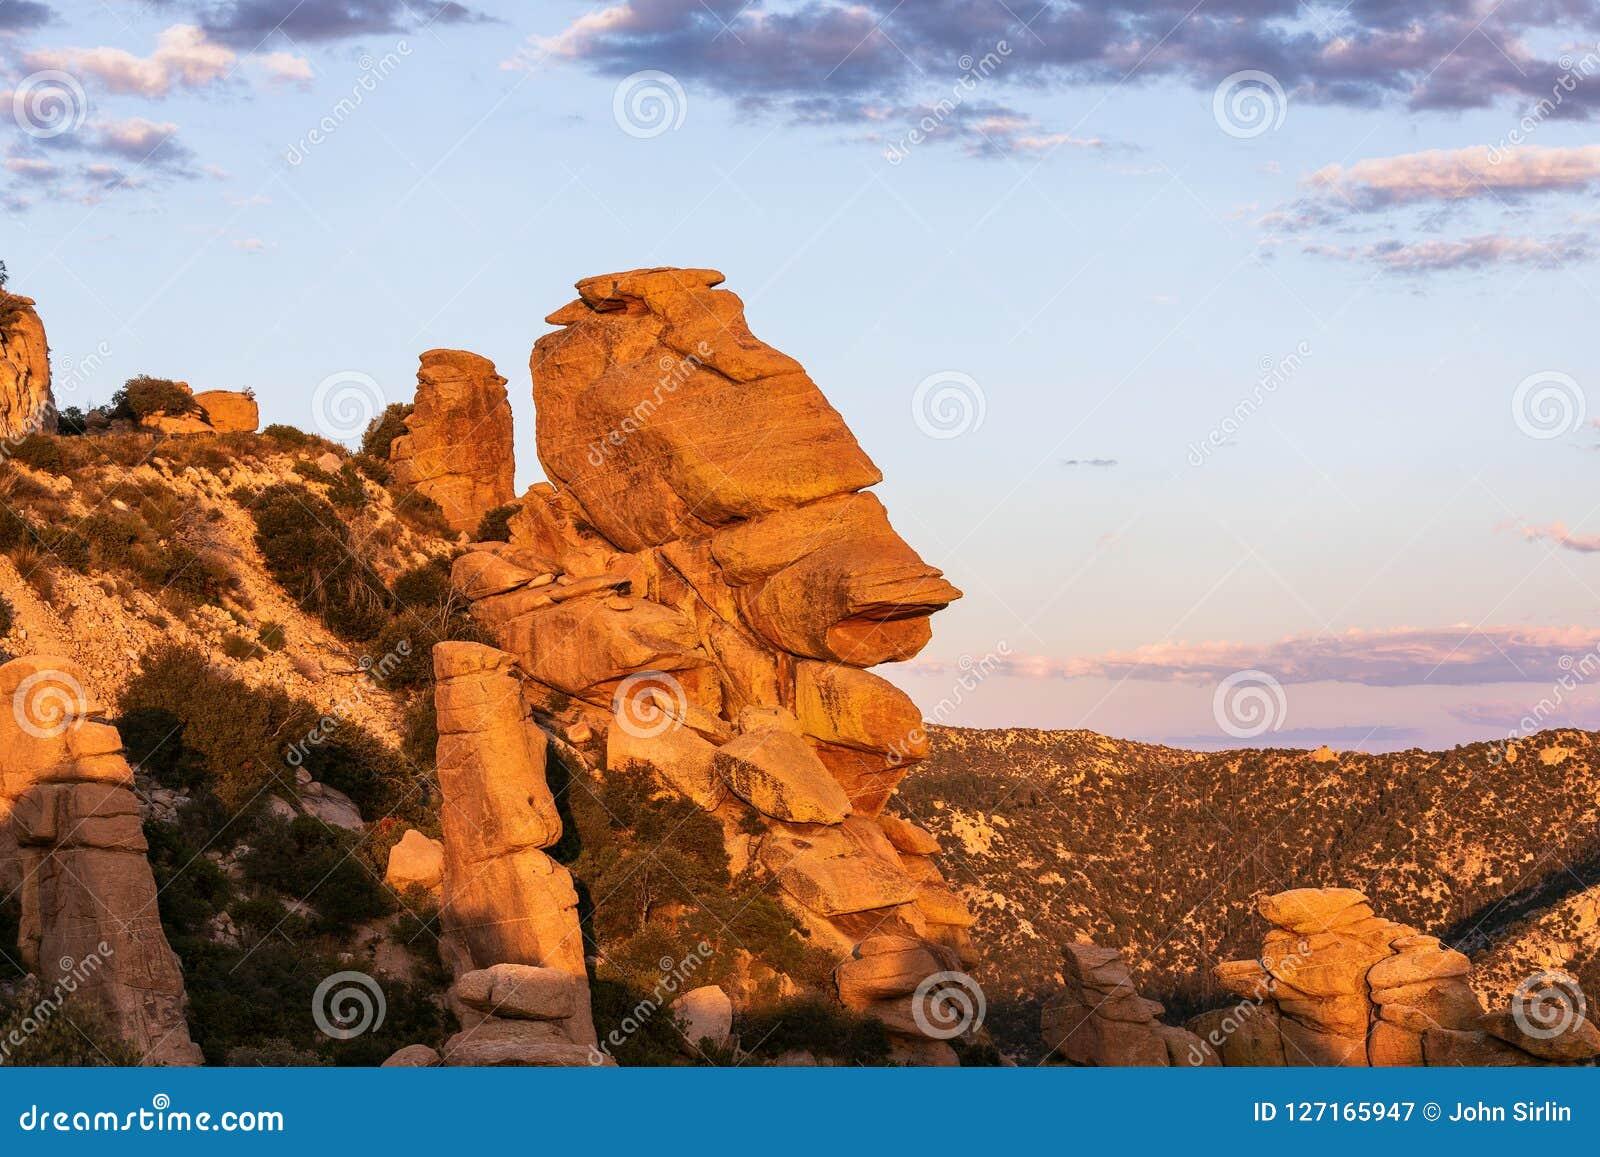 Σχηματισμοί βράχου Hoodoo Vista γεωλογίας στην ΑΜ Lemmon κοντά στο Tucson, Αριζόνα